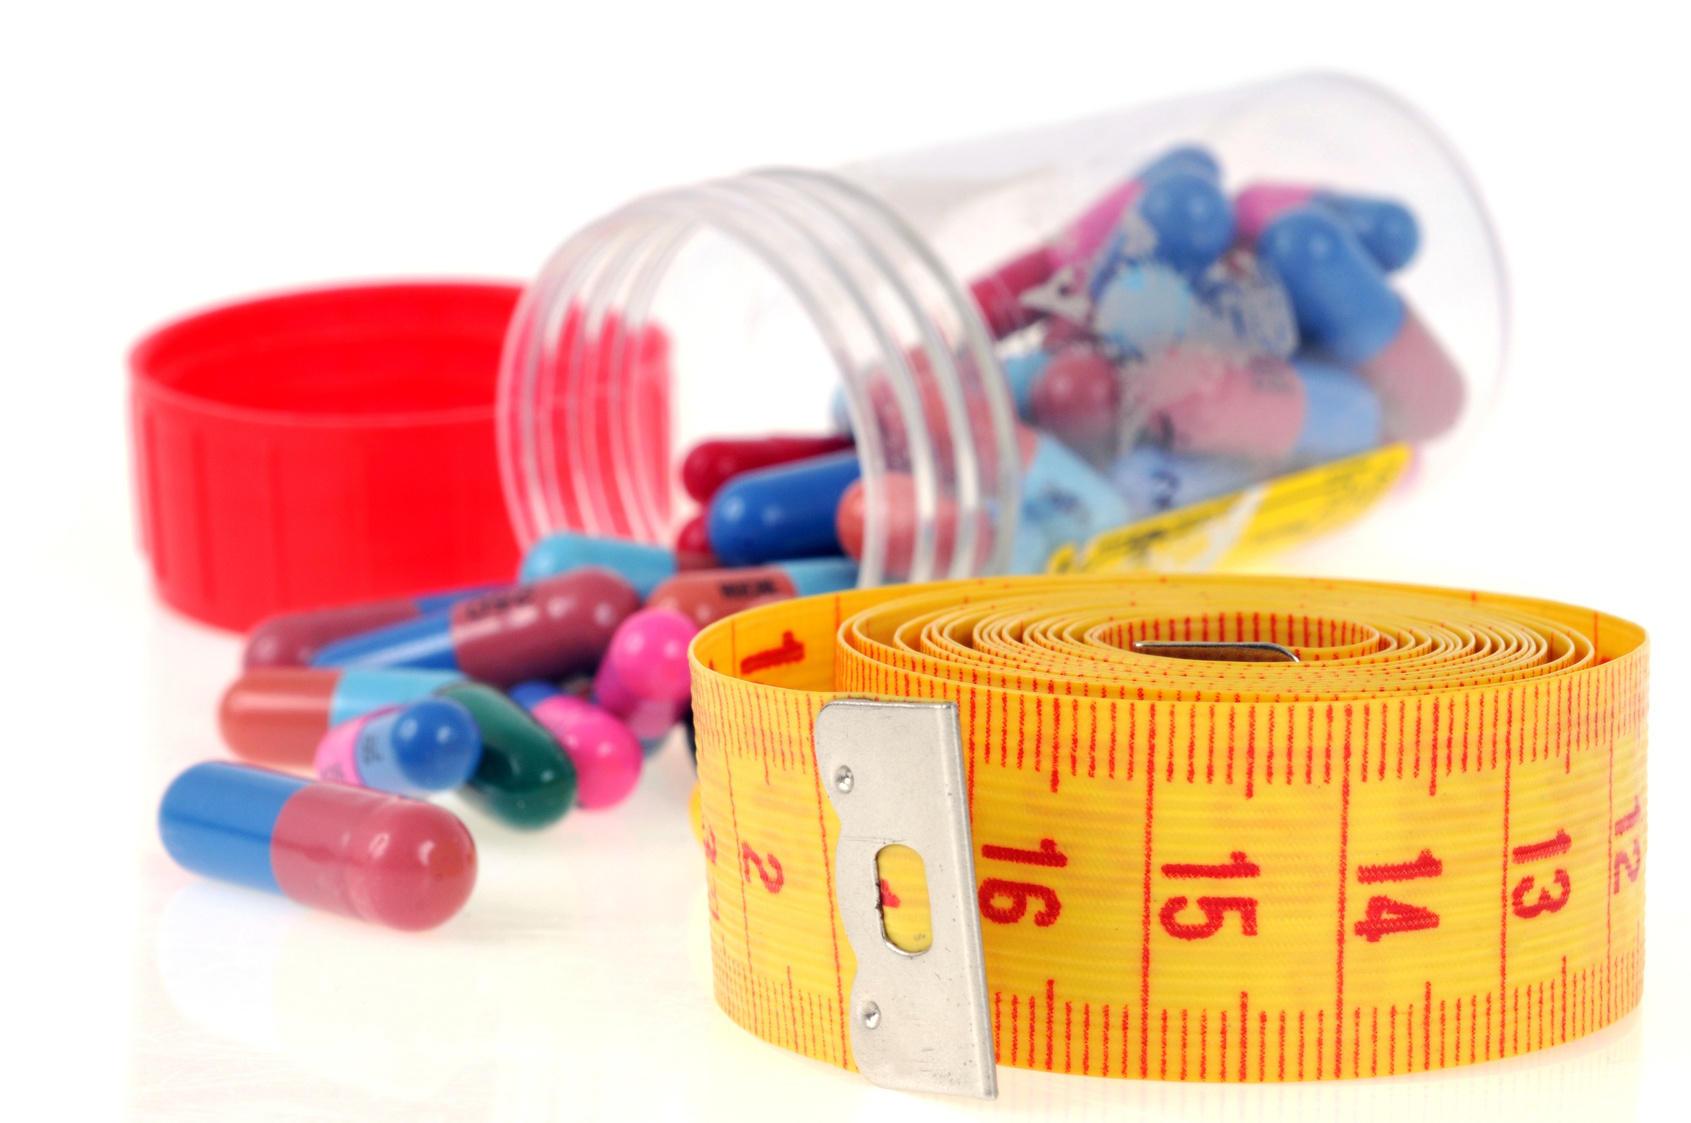 Médicaments pour maigrir : les dangers